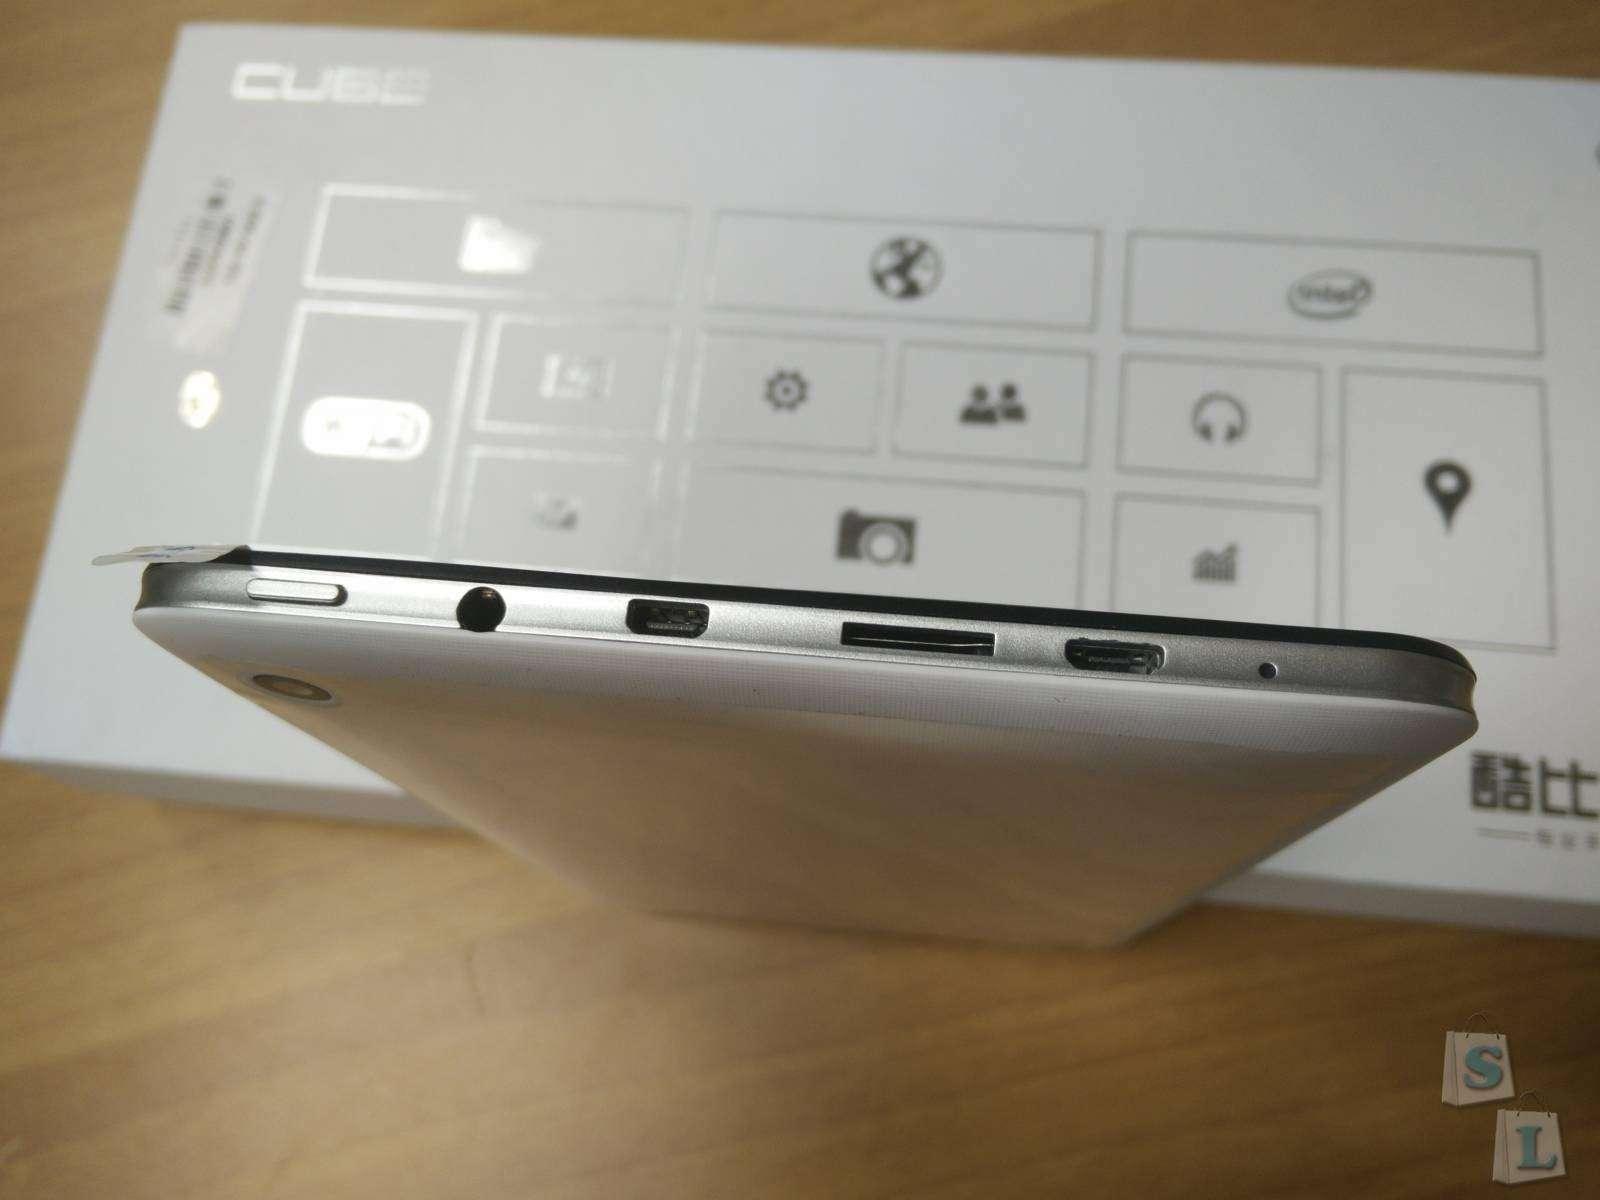 GearBest: Обзор Cube U67GT iWork7 доступный и производительный планшет на windows 8.1